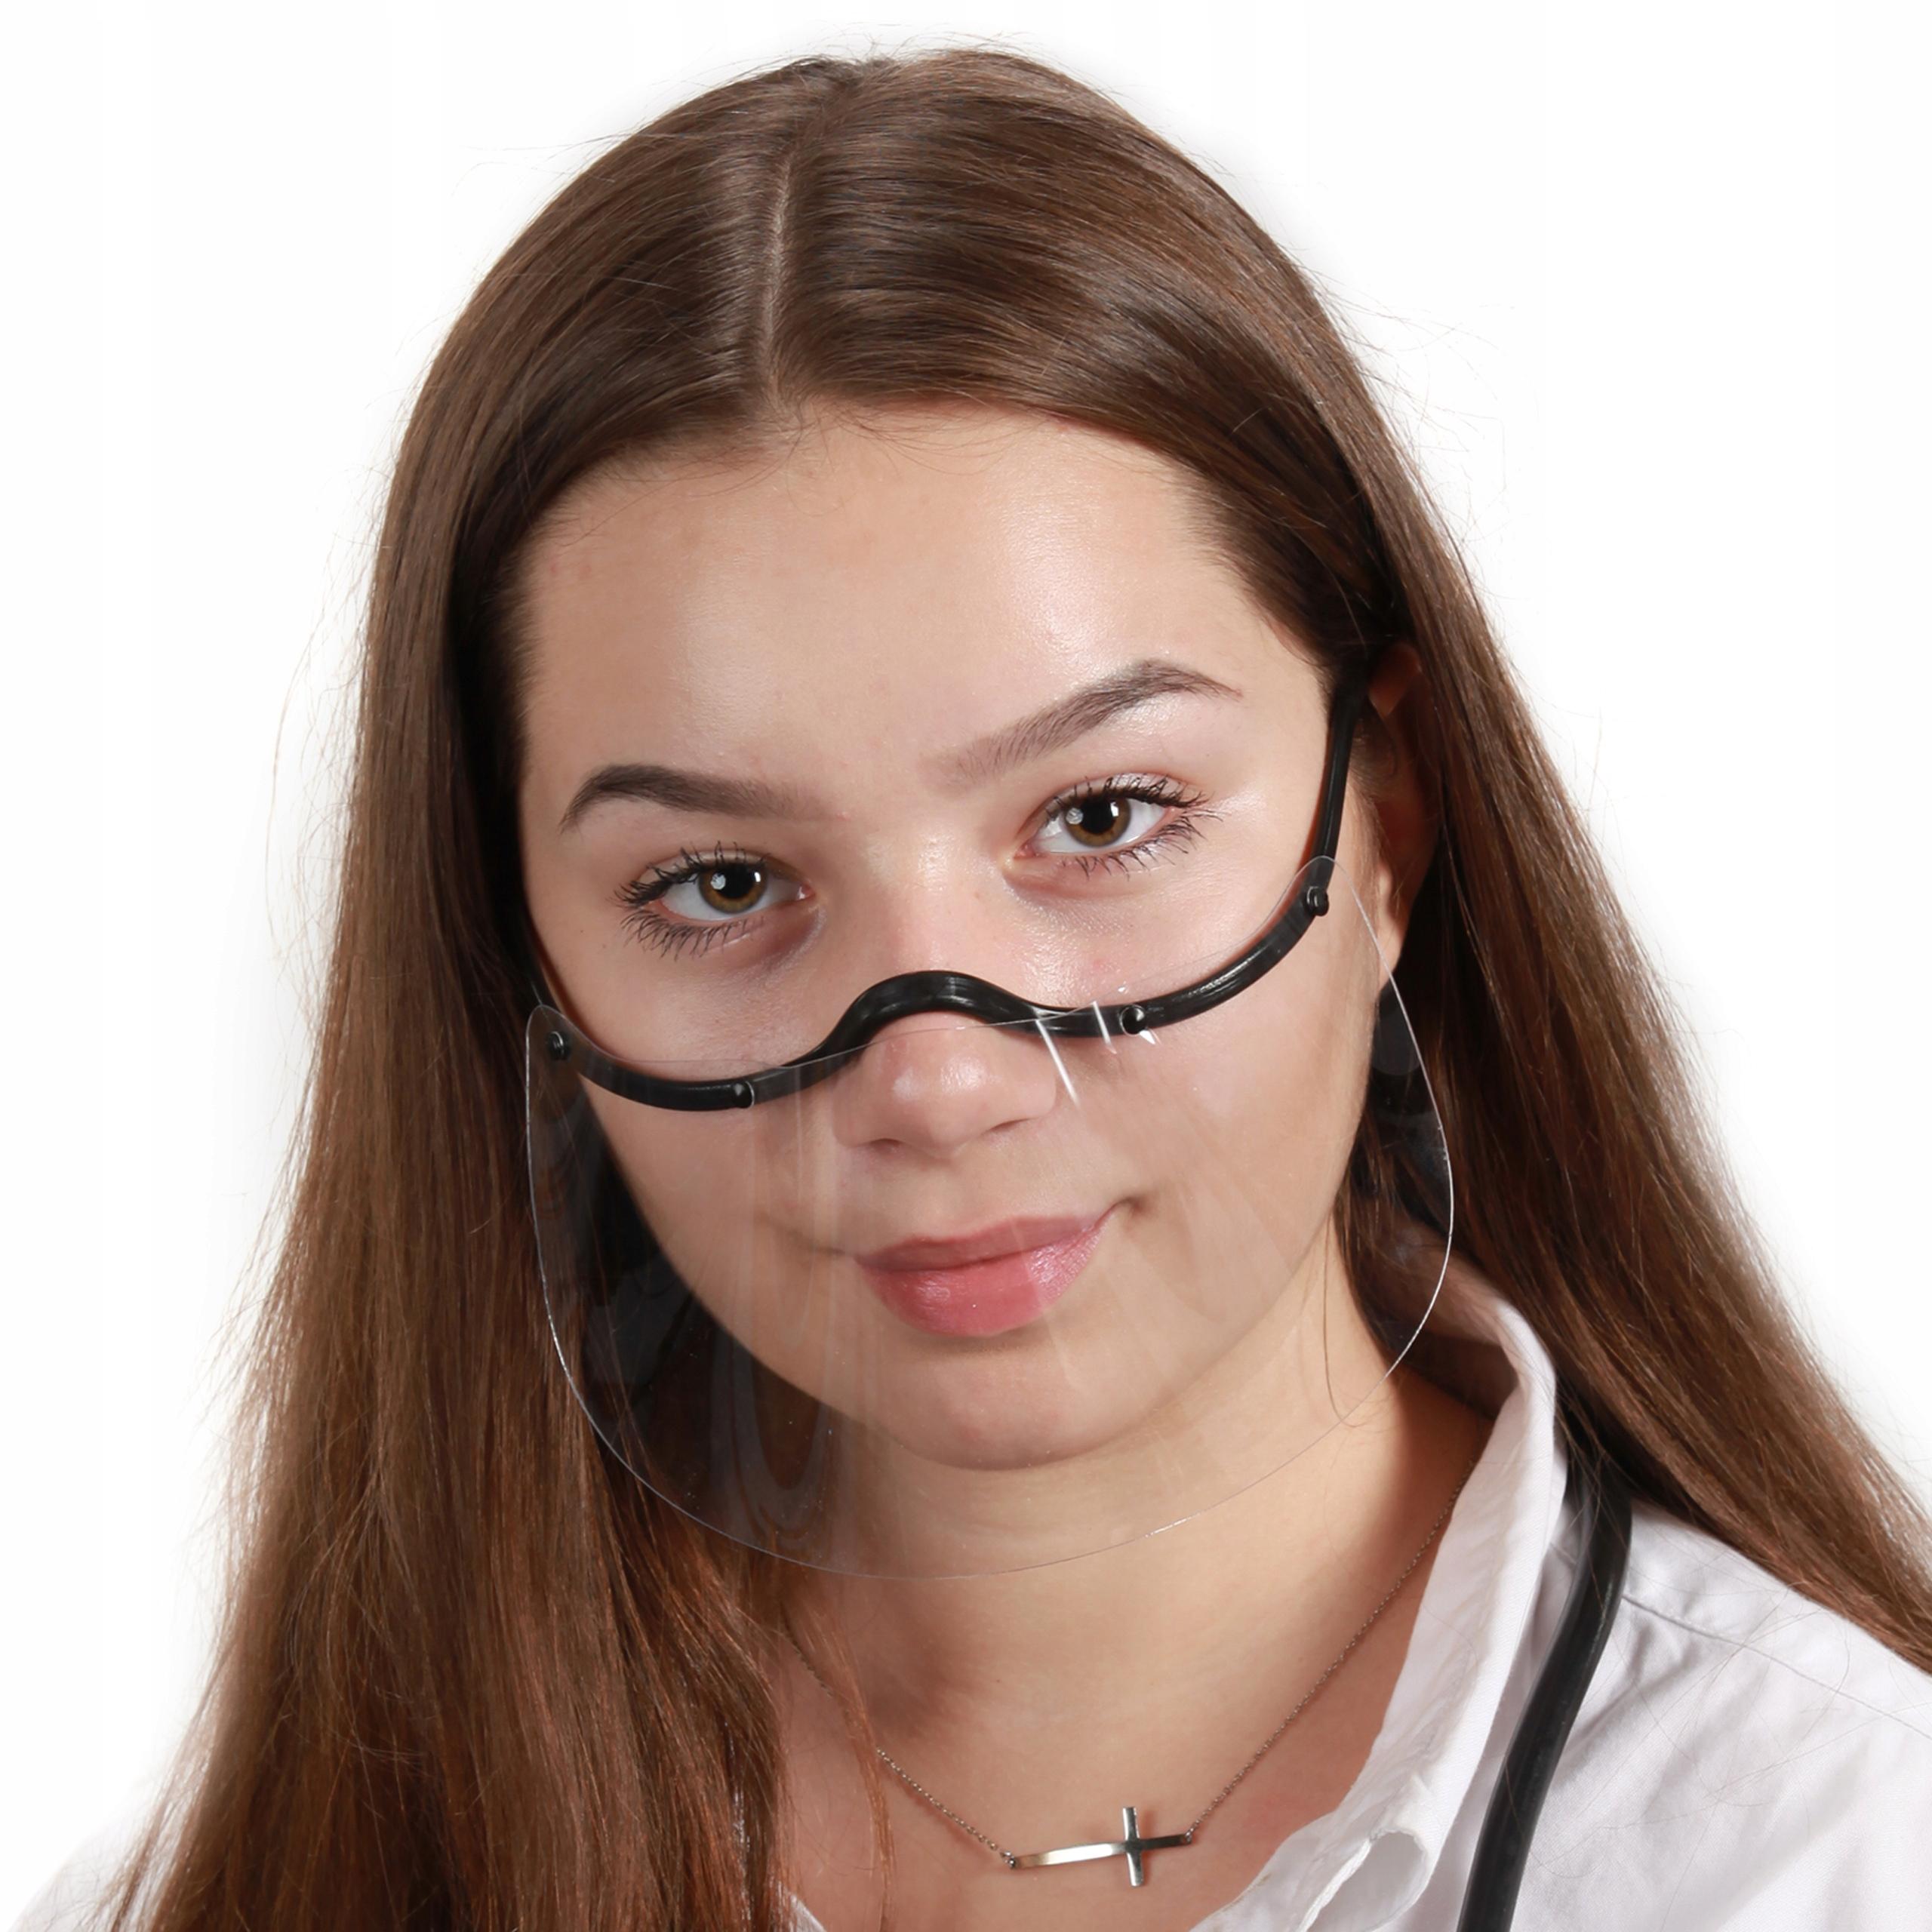 Mini Przyłbica Maska Pół przyłbica osłona usta nos